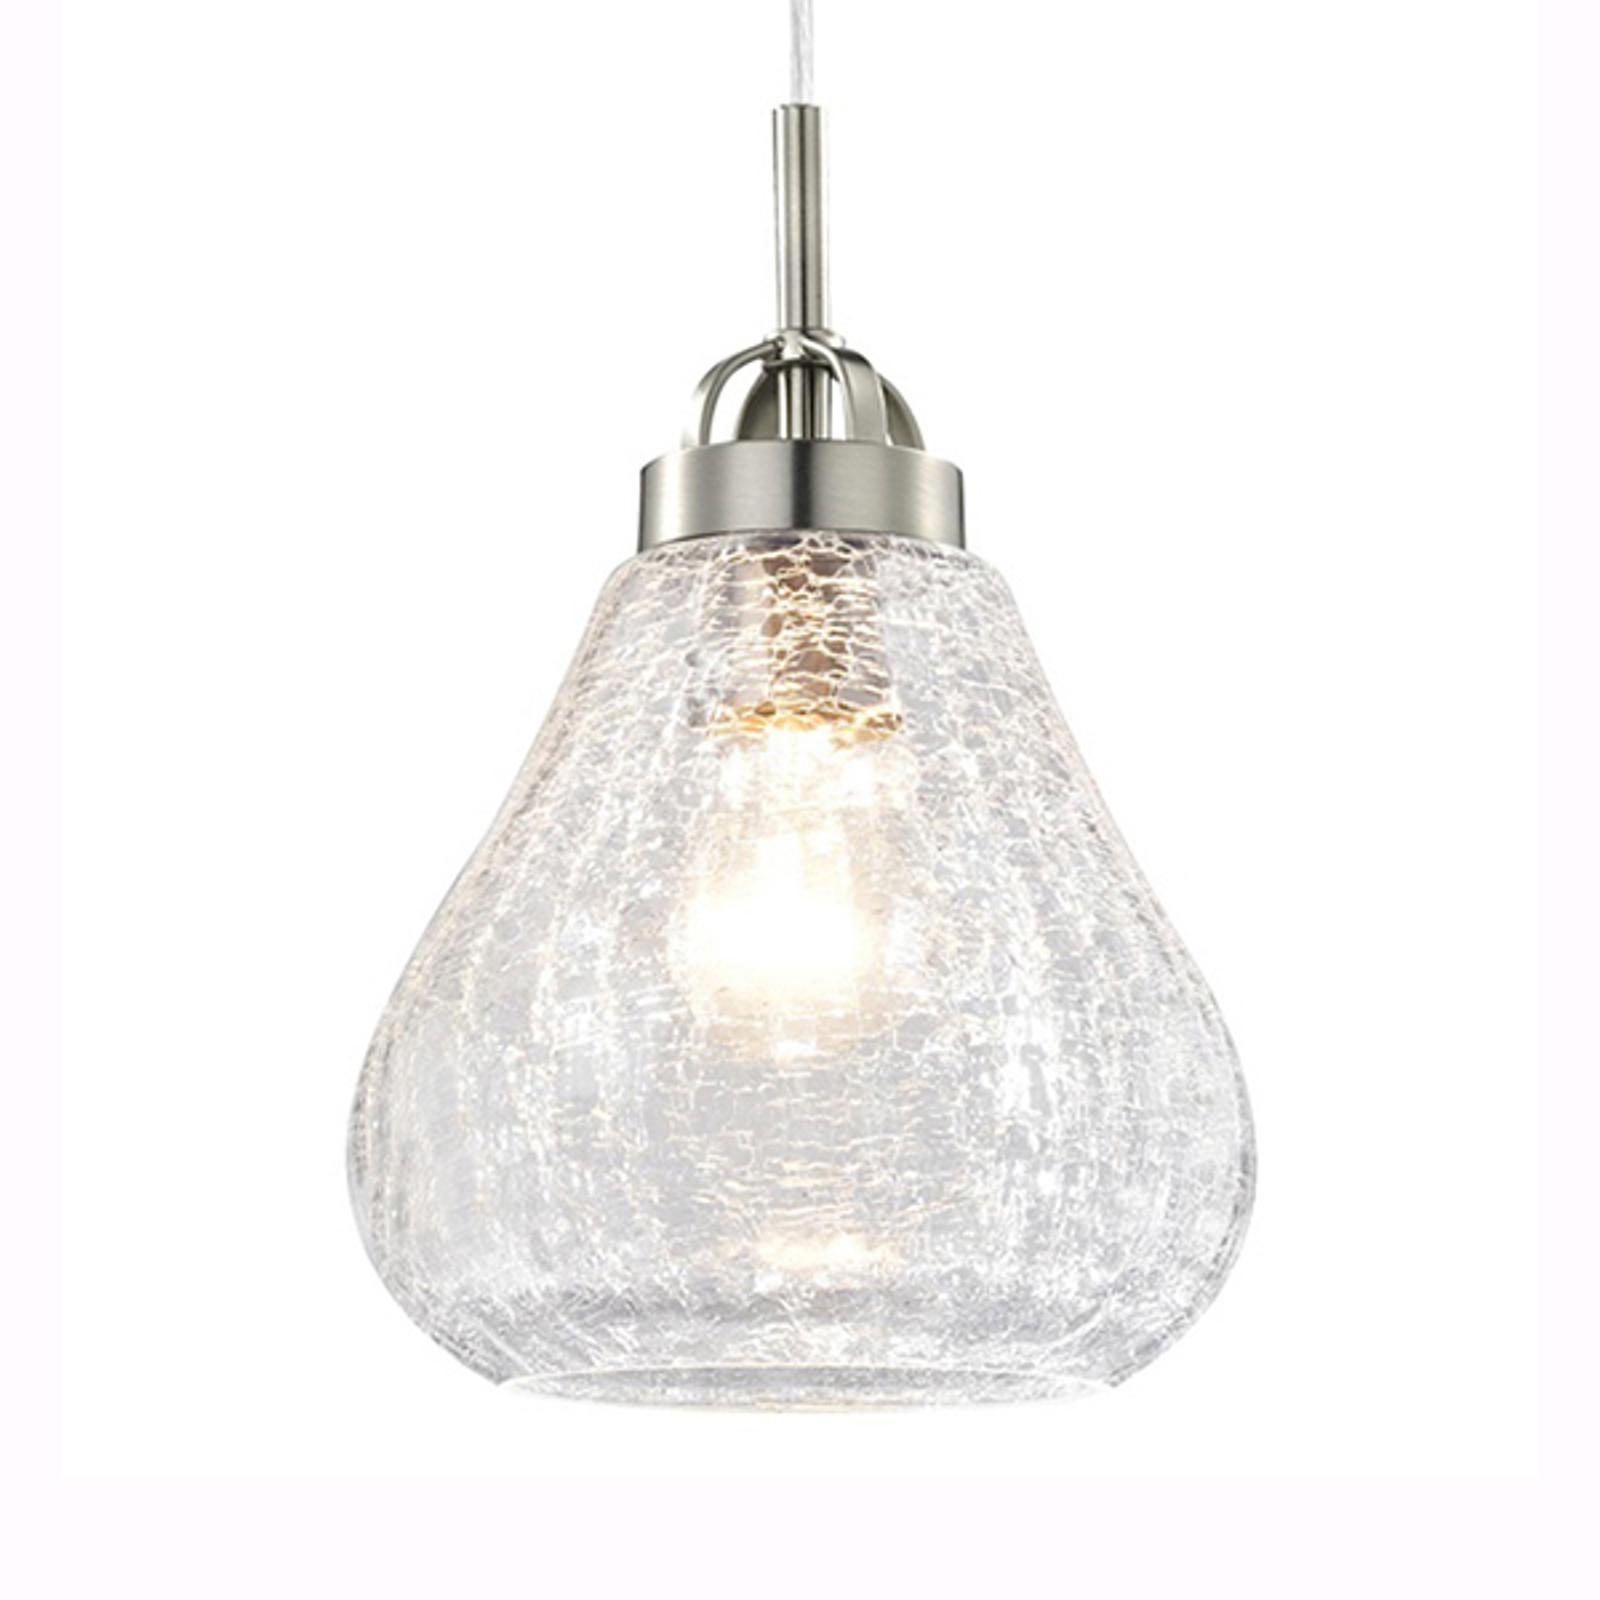 Westinghouse hengelampe 6309140, bruddglass-stil